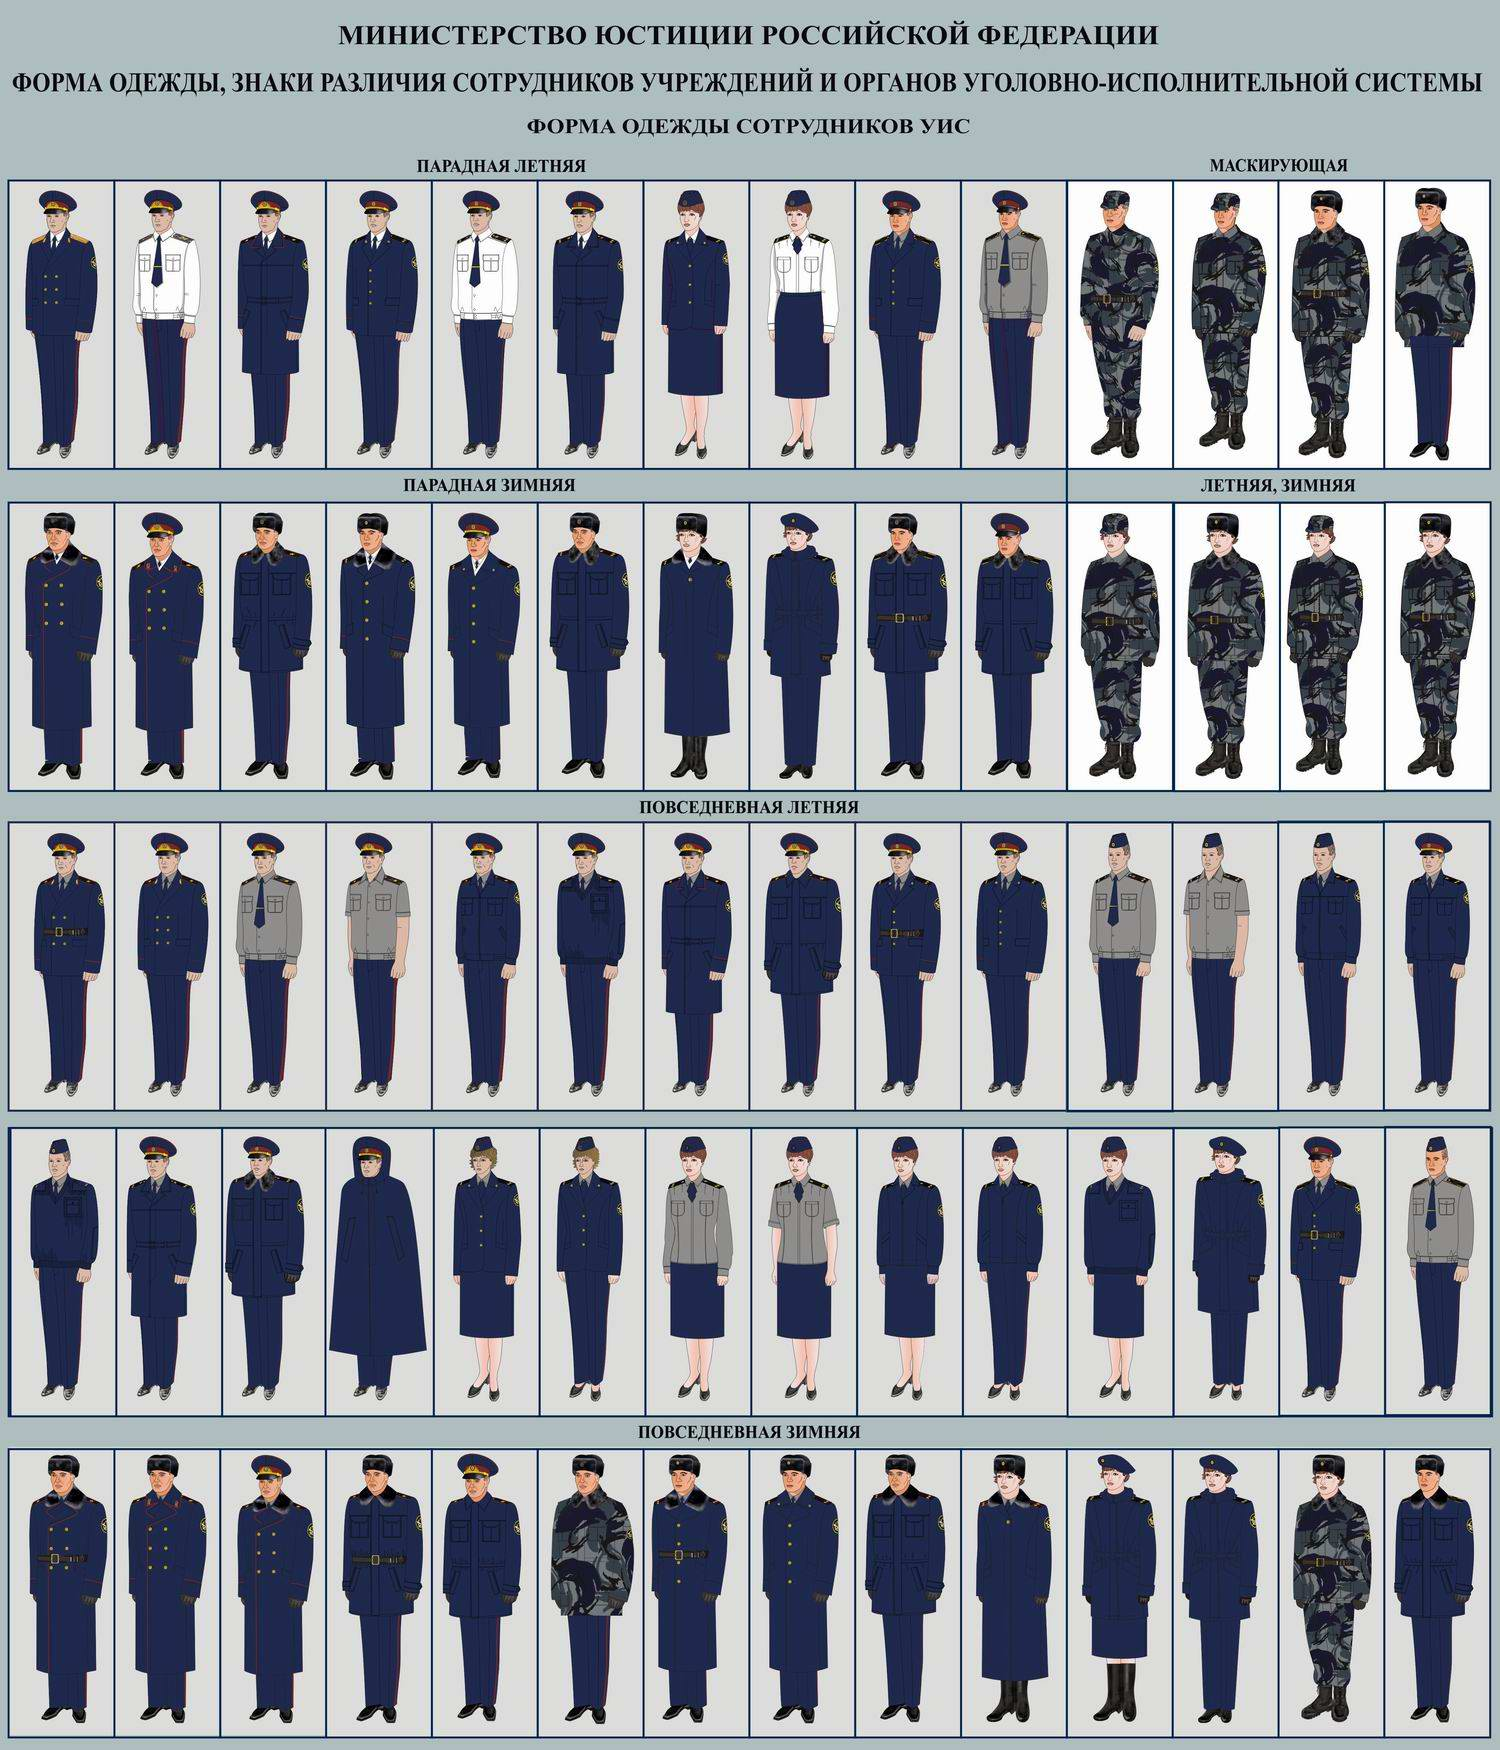 форма одежды сотрудников фсин фото